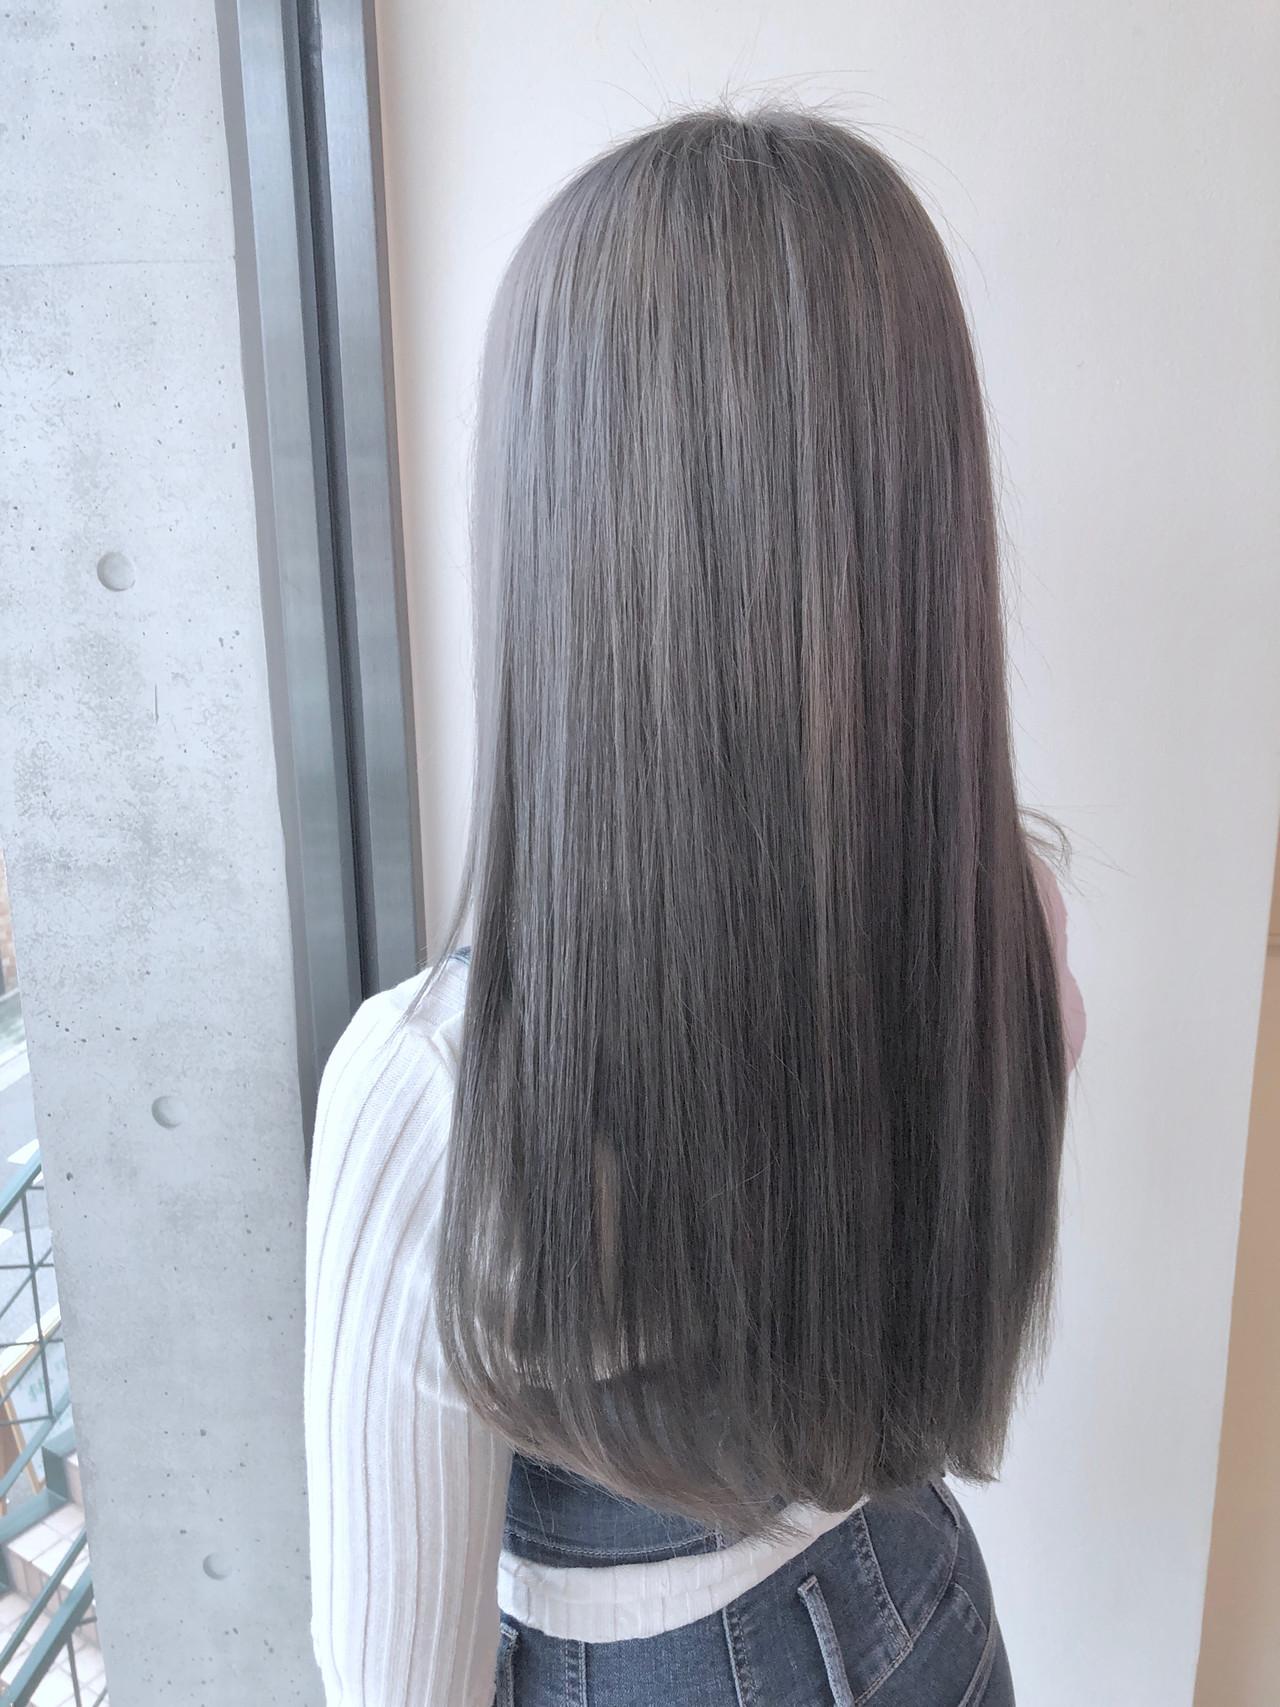 グレージュ ブリーチ ヘアカラー ナチュラル ヘアスタイルや髪型の写真・画像